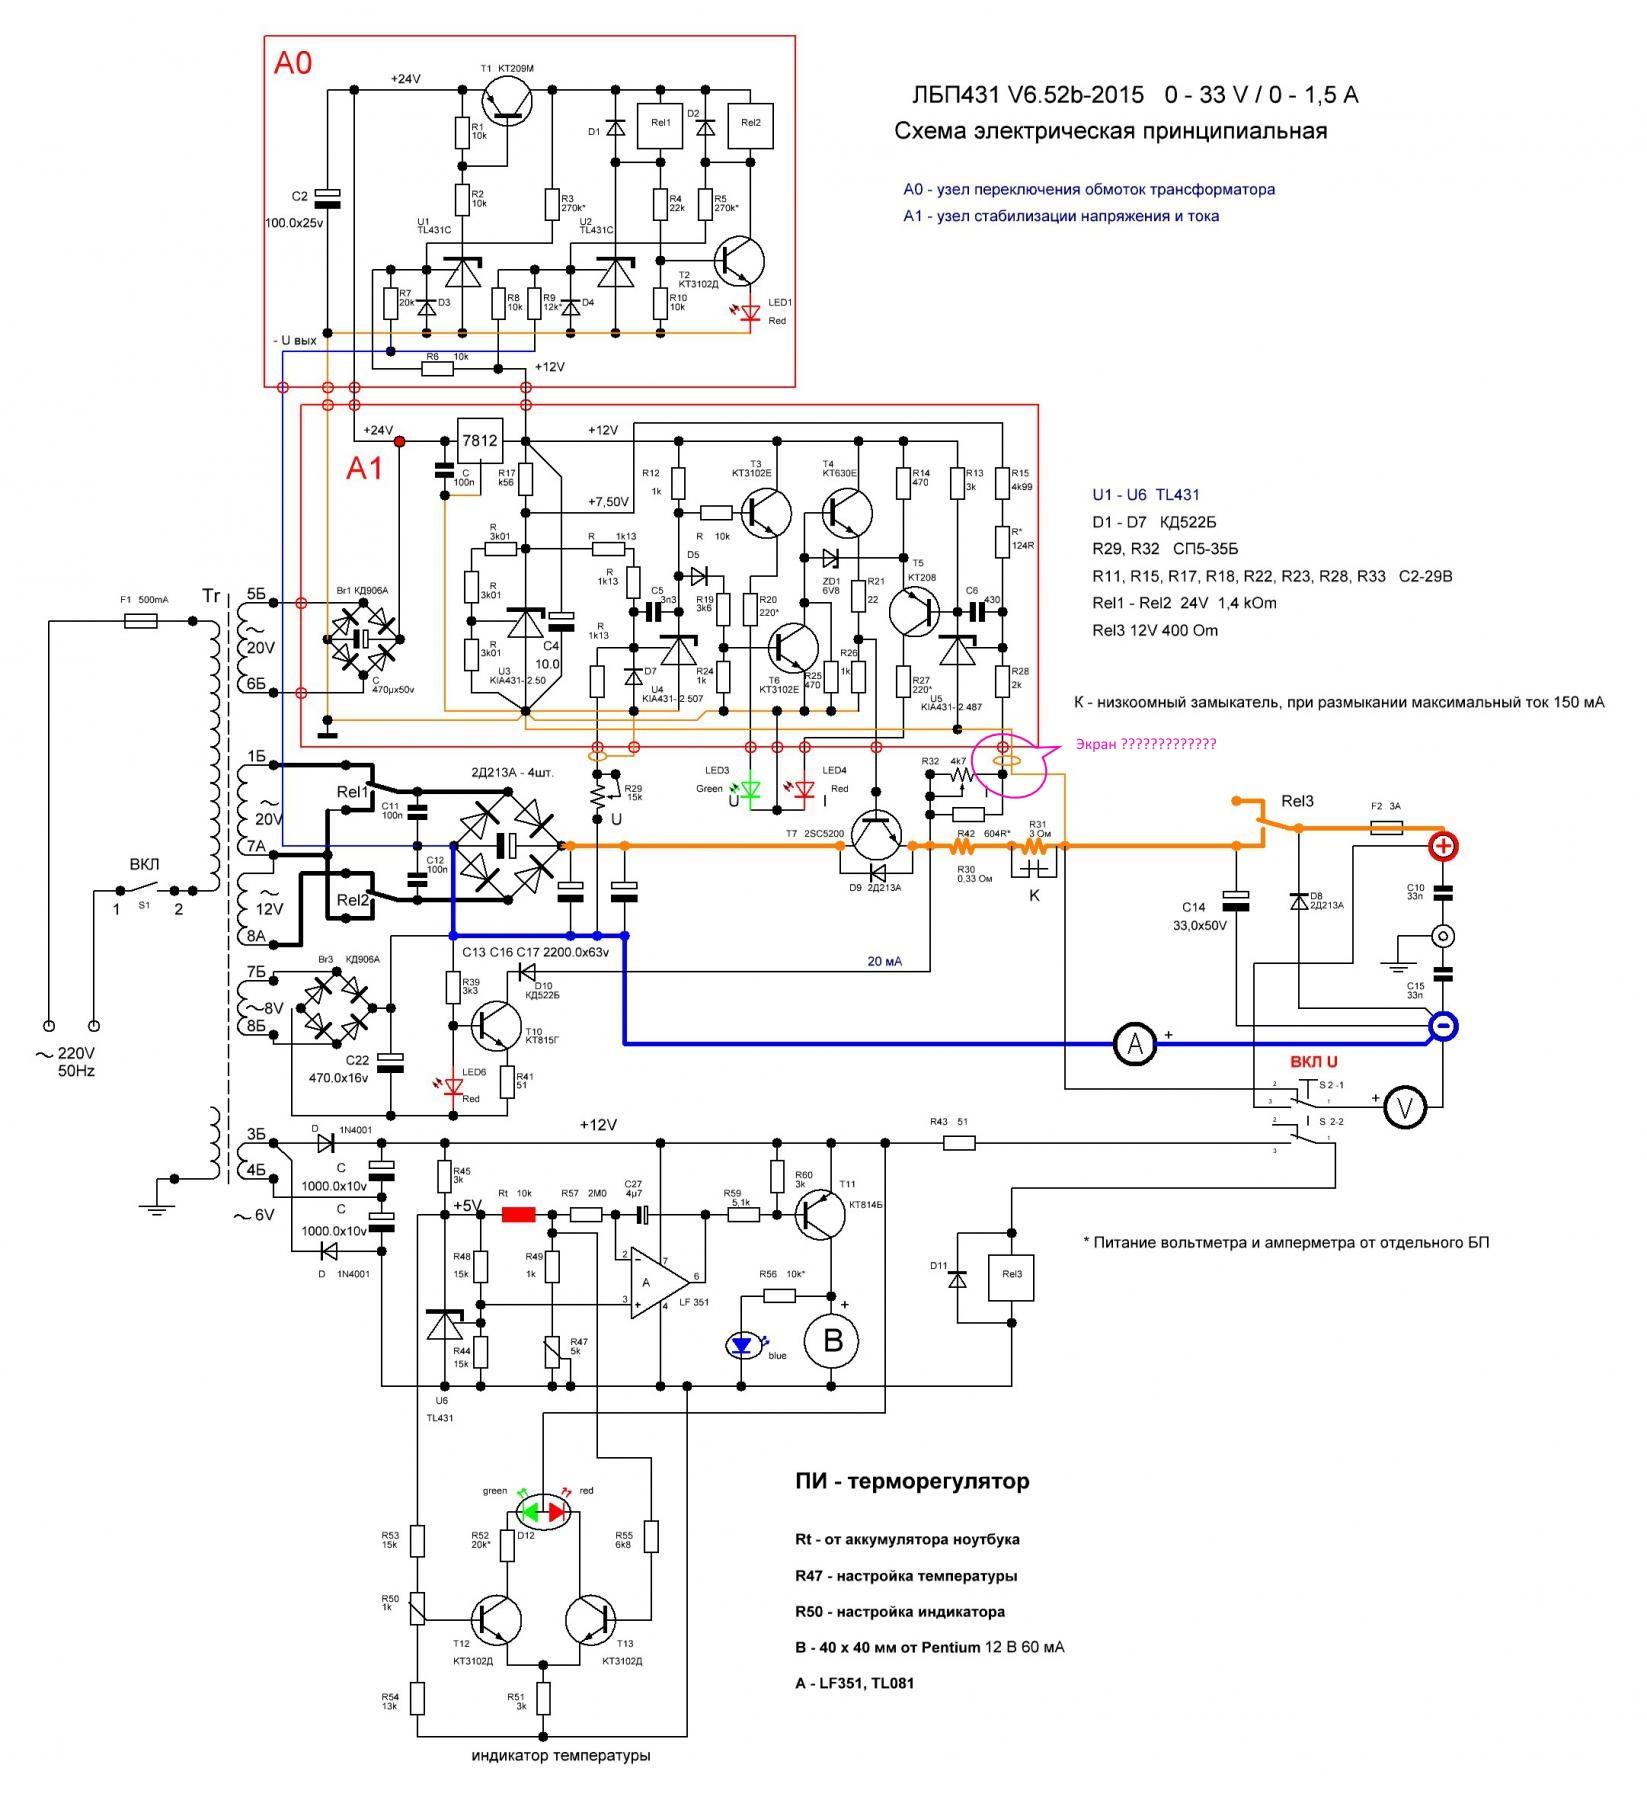 Схема промышленного лабораторного блока питания